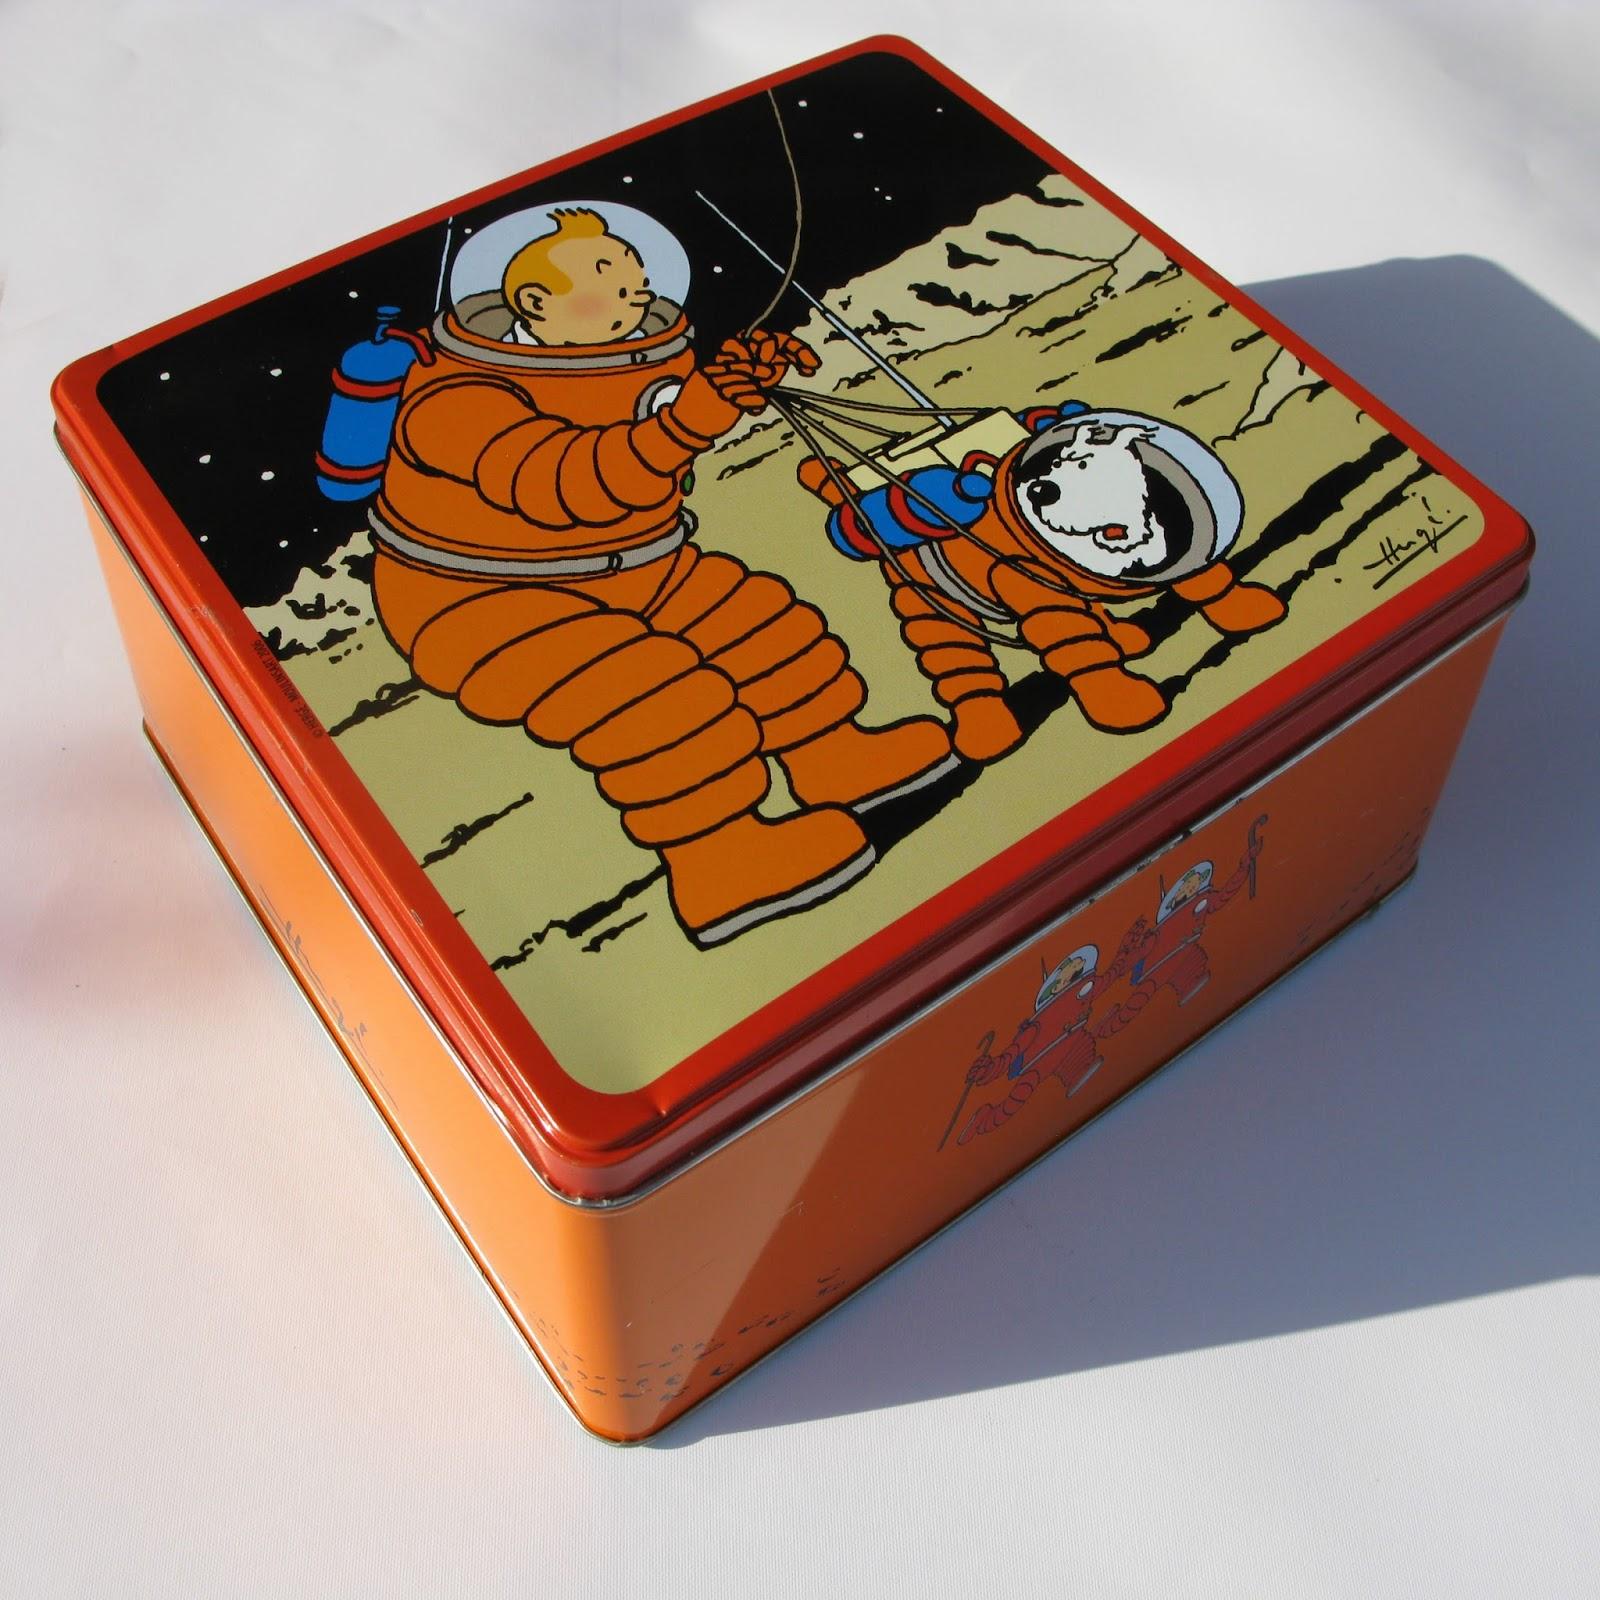 Tintin et milou sur la lune inventaire de mes boites en m tal - Boite a gateau metal ...